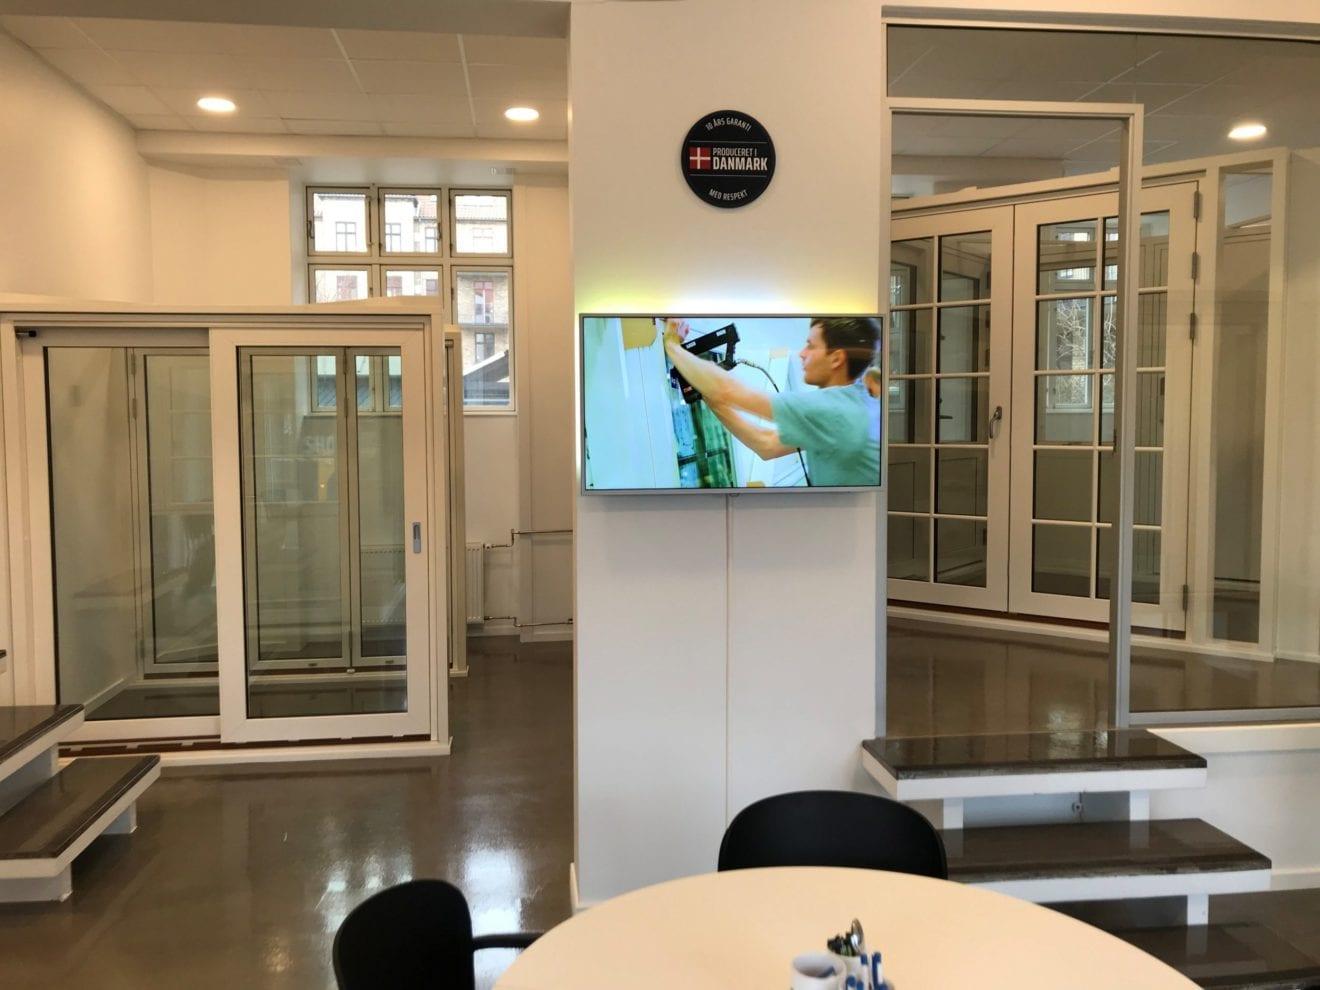 Nyt showroom åbner nu både ubemandet og digitalt